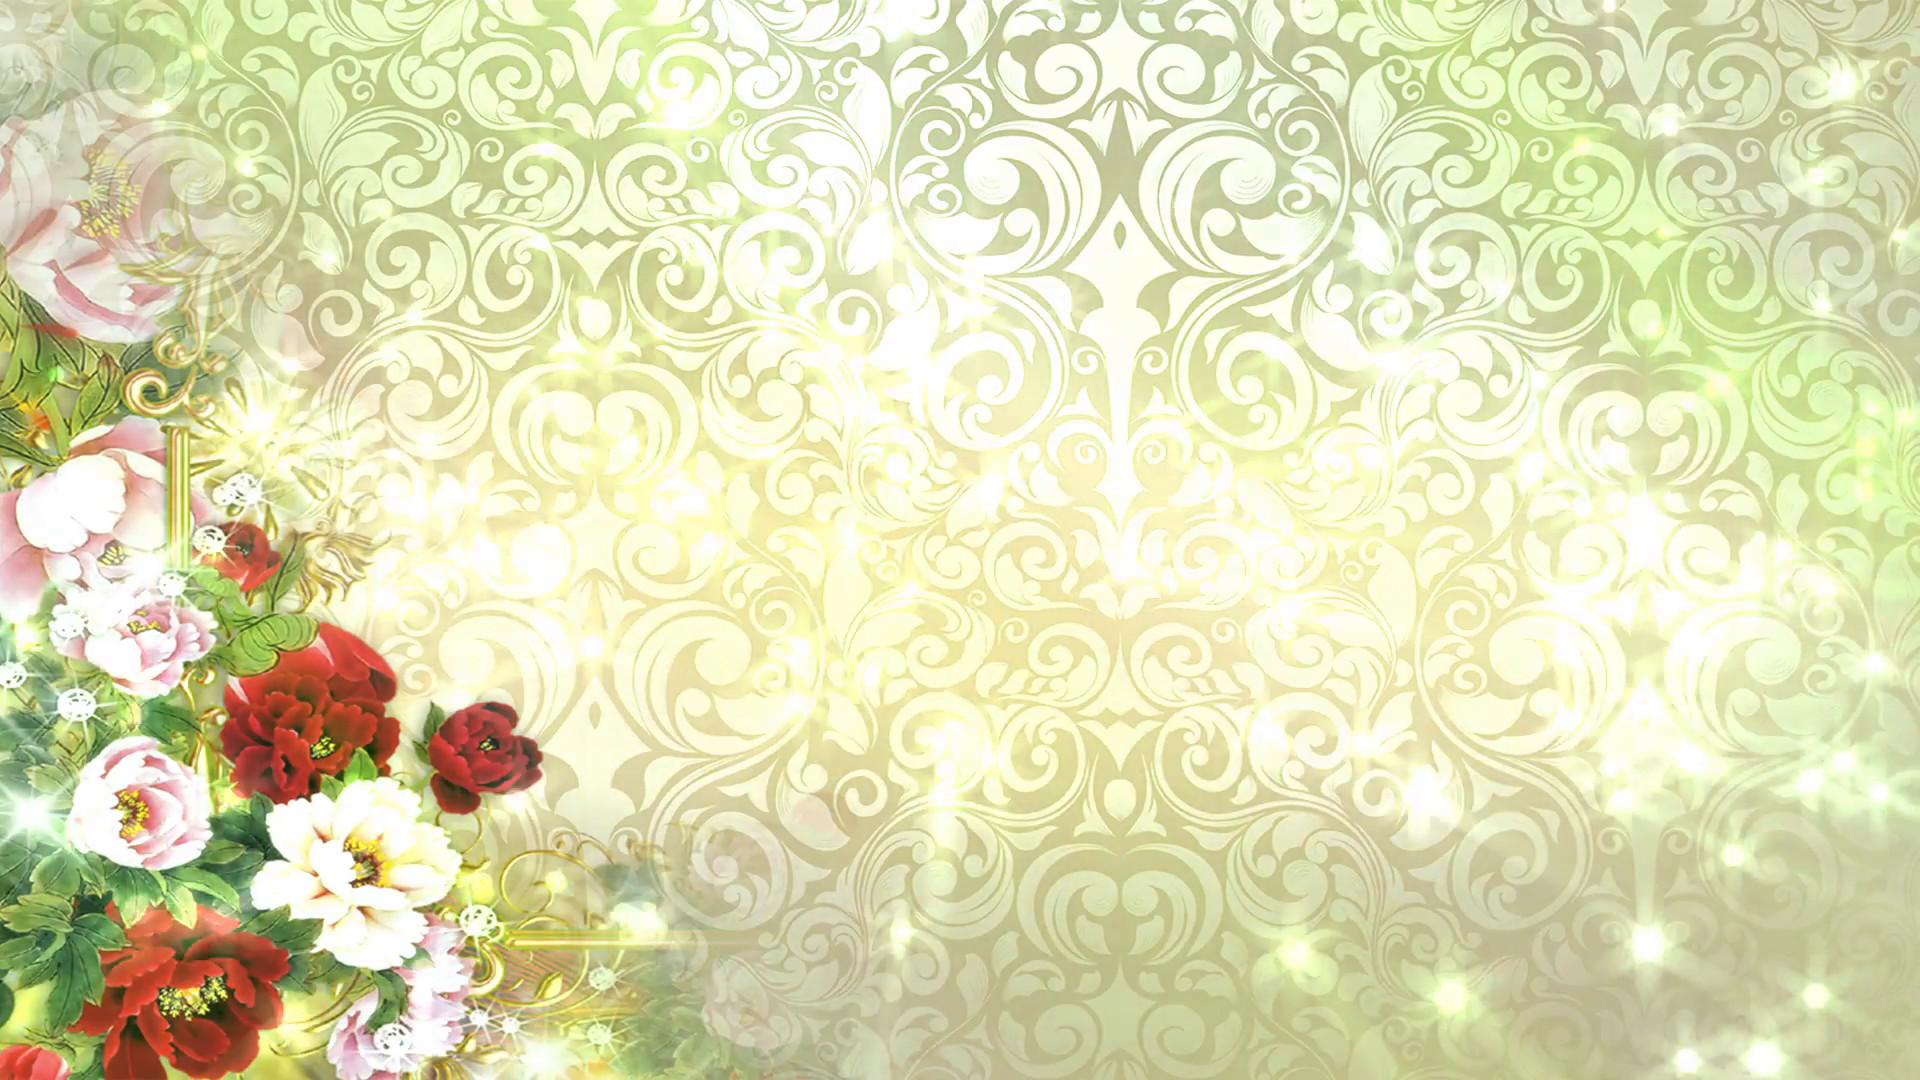 Unduh 55 Background Hd Wedding HD Gratis